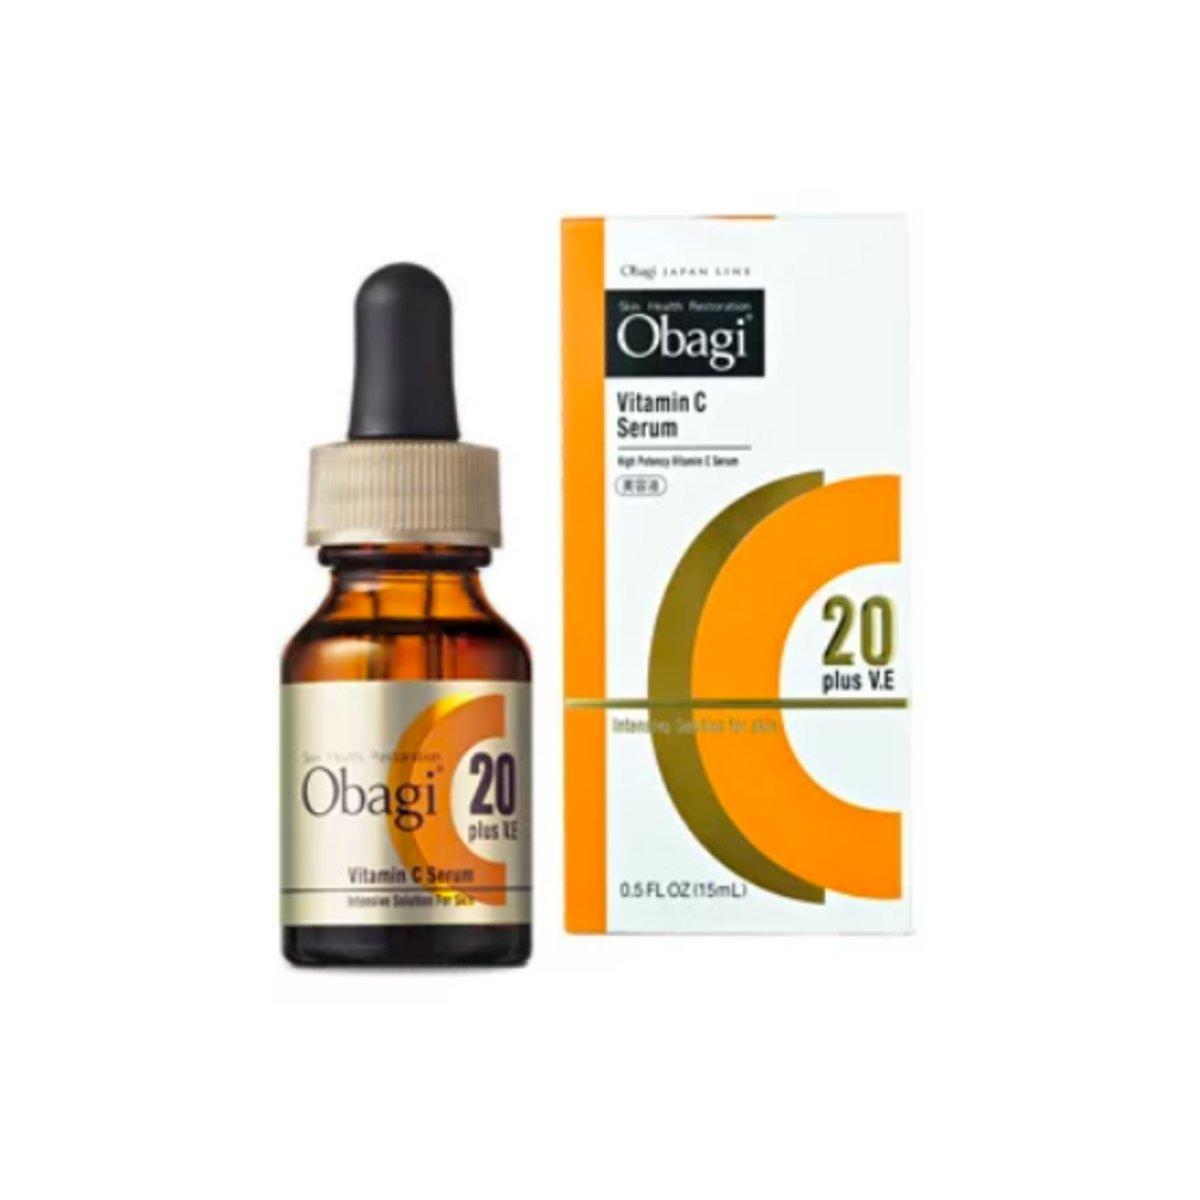 20%「 純維他命C 」真皮營養液 15ml